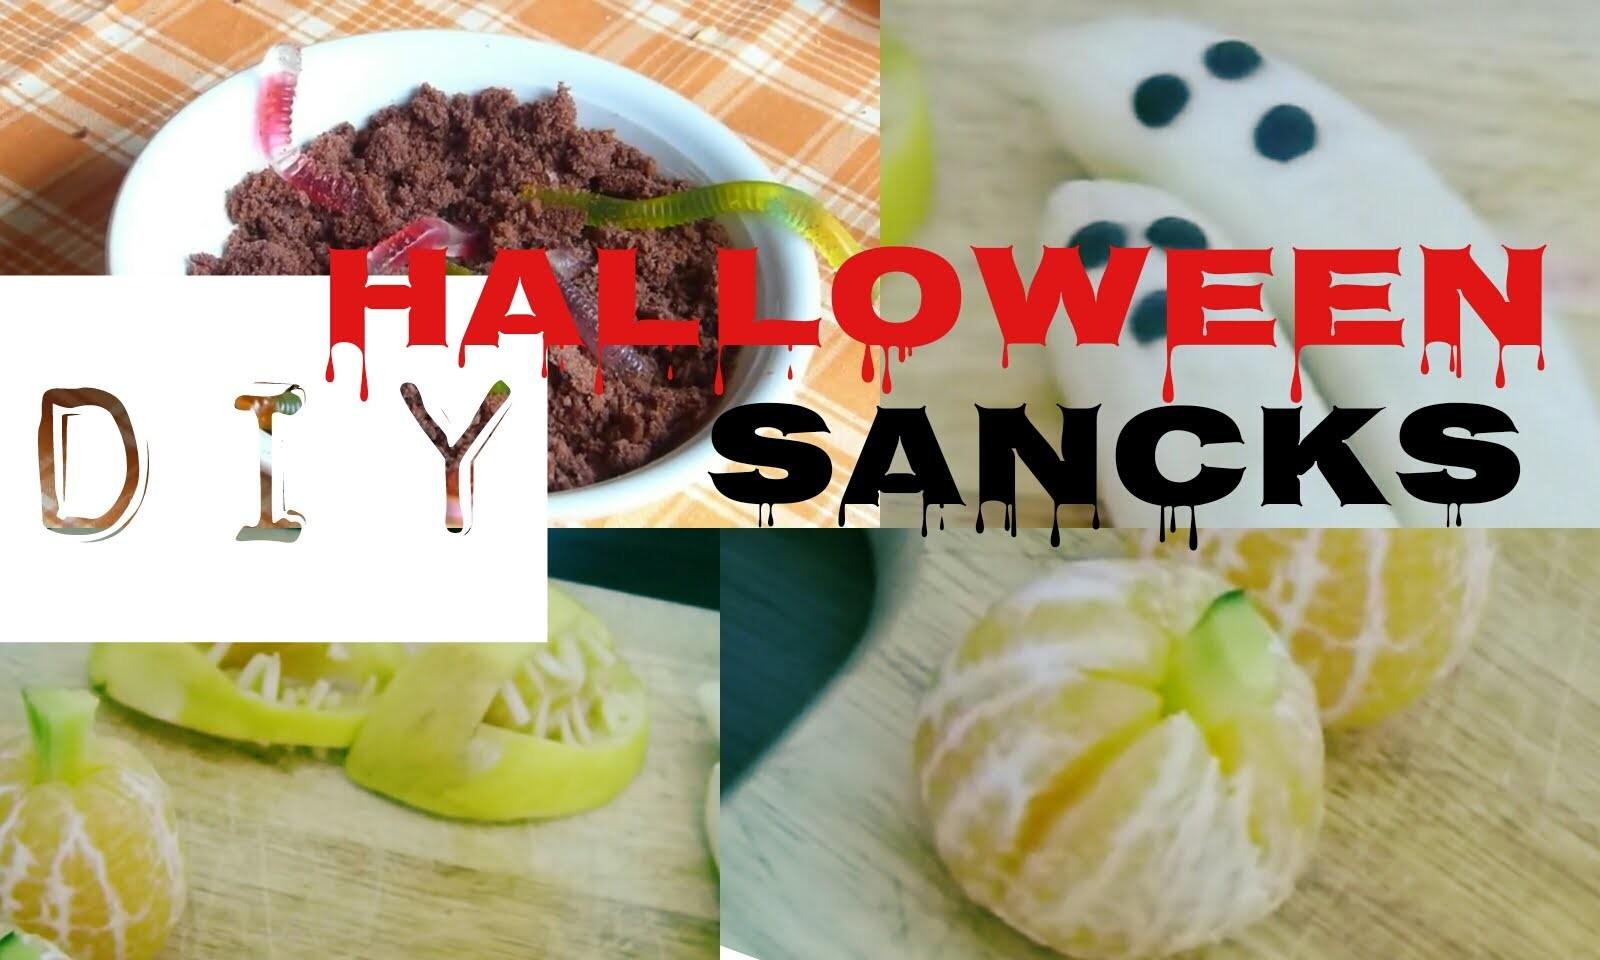 DIY- Halloween Snacks 2015 |oOBeeHappyOo